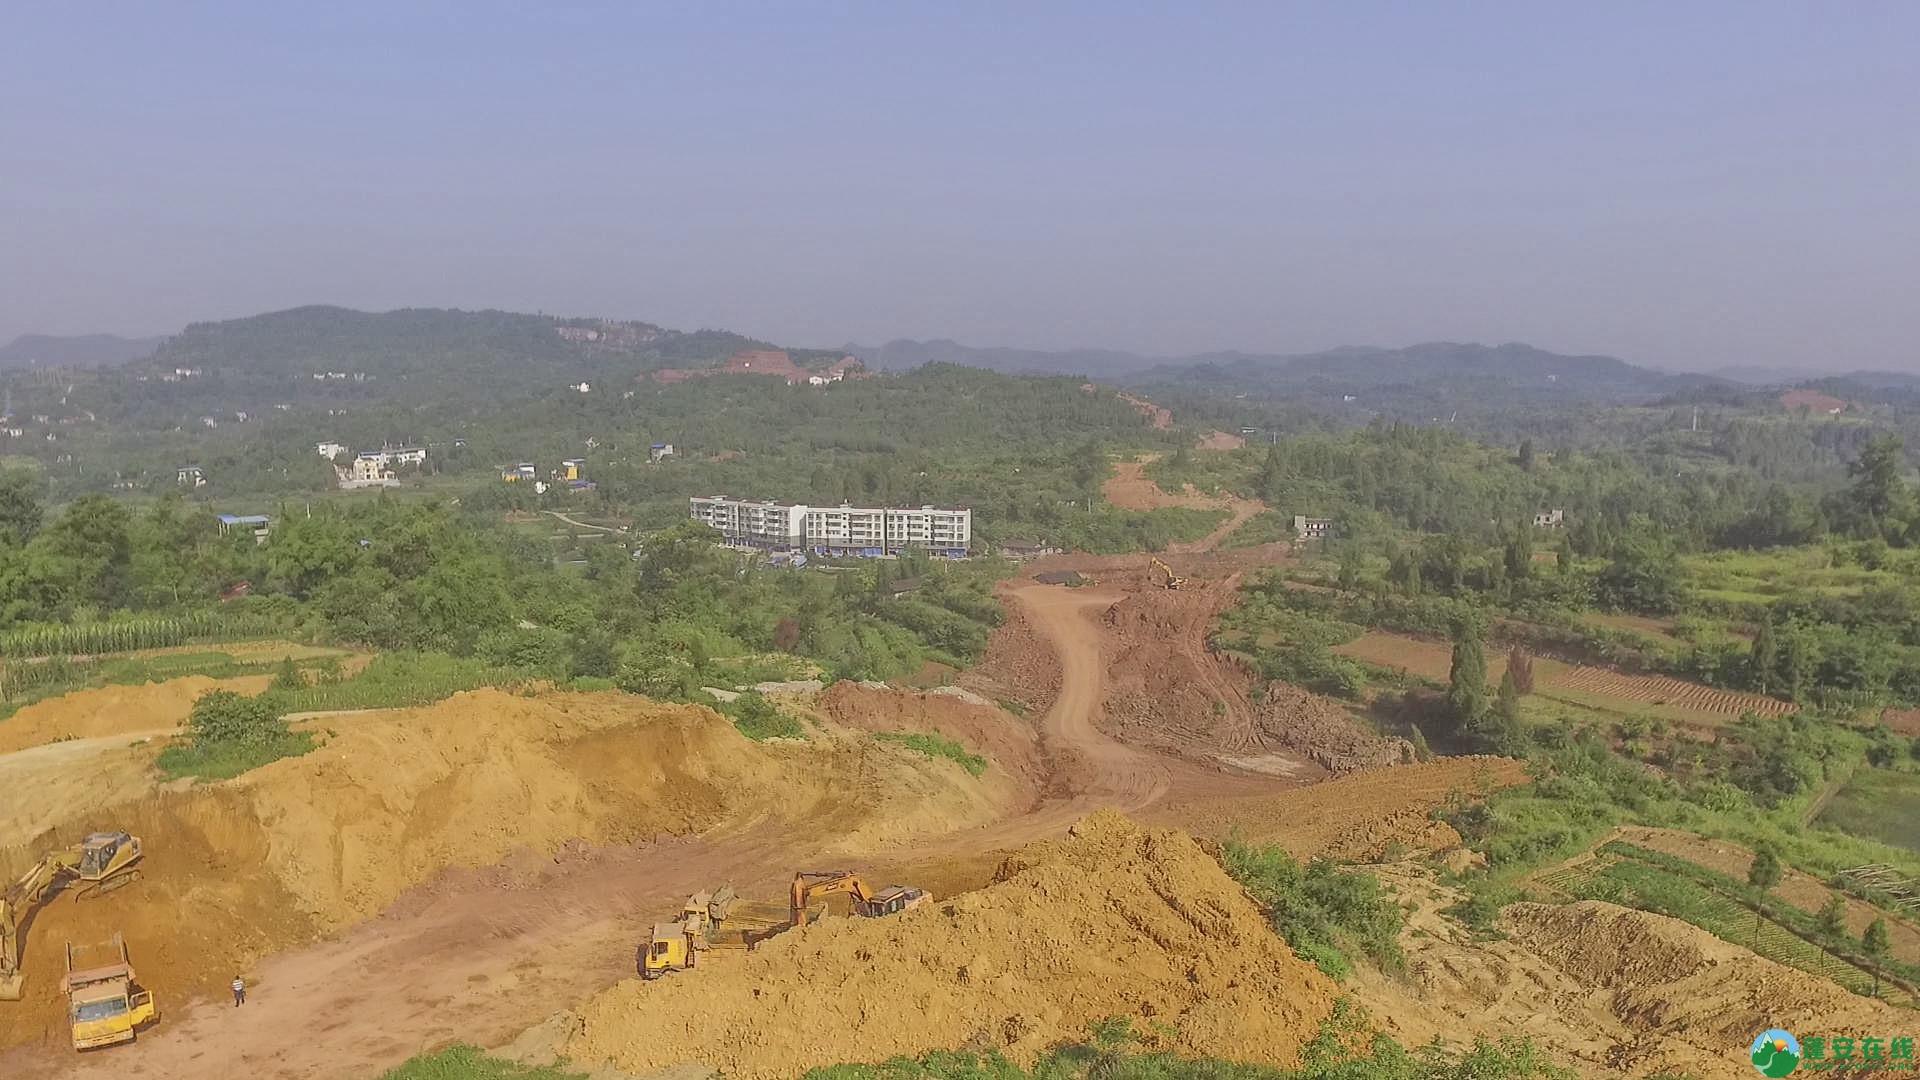 蓬安锦屏段S305省道改线工程进展 - 第6张  | 蓬安在线